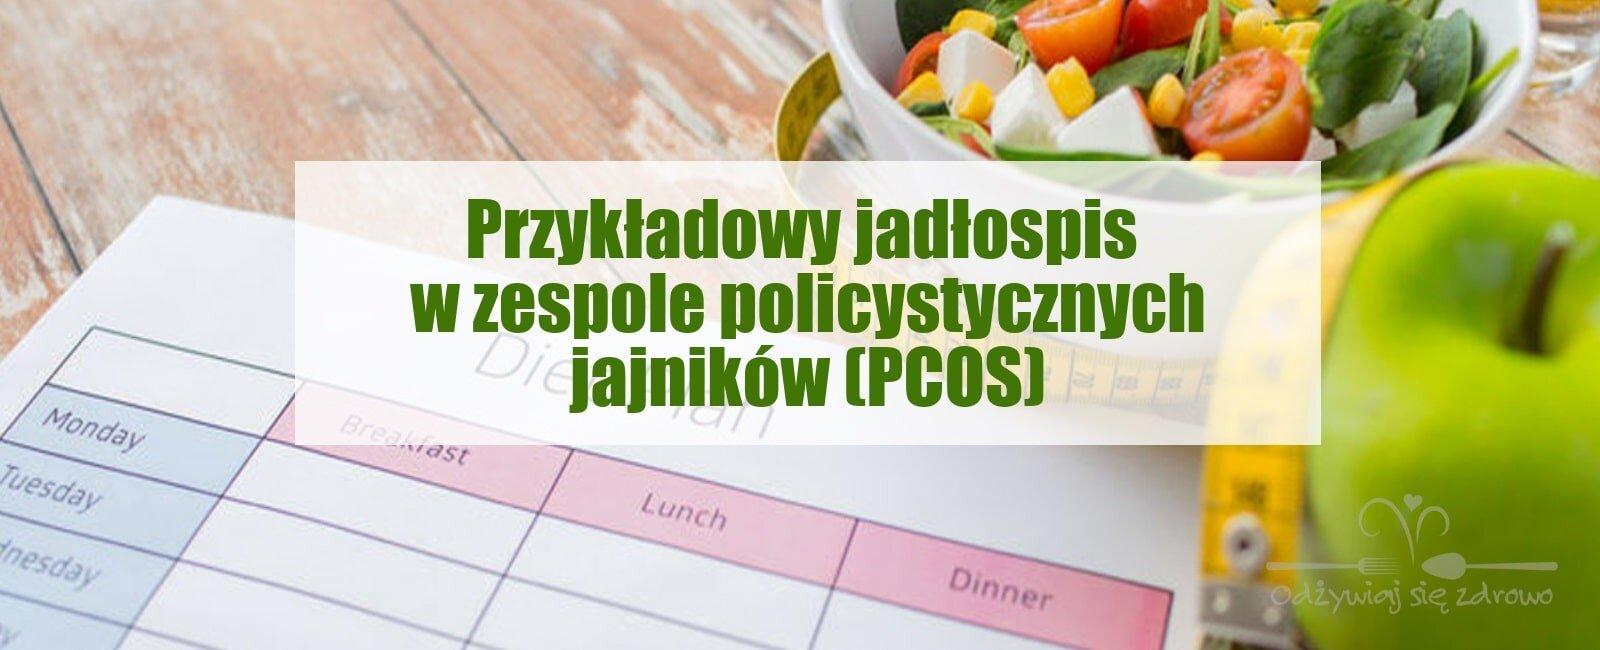 Dieta w zespole policystycznych jajników (PCOS) - przykładowy jadłospis - banner